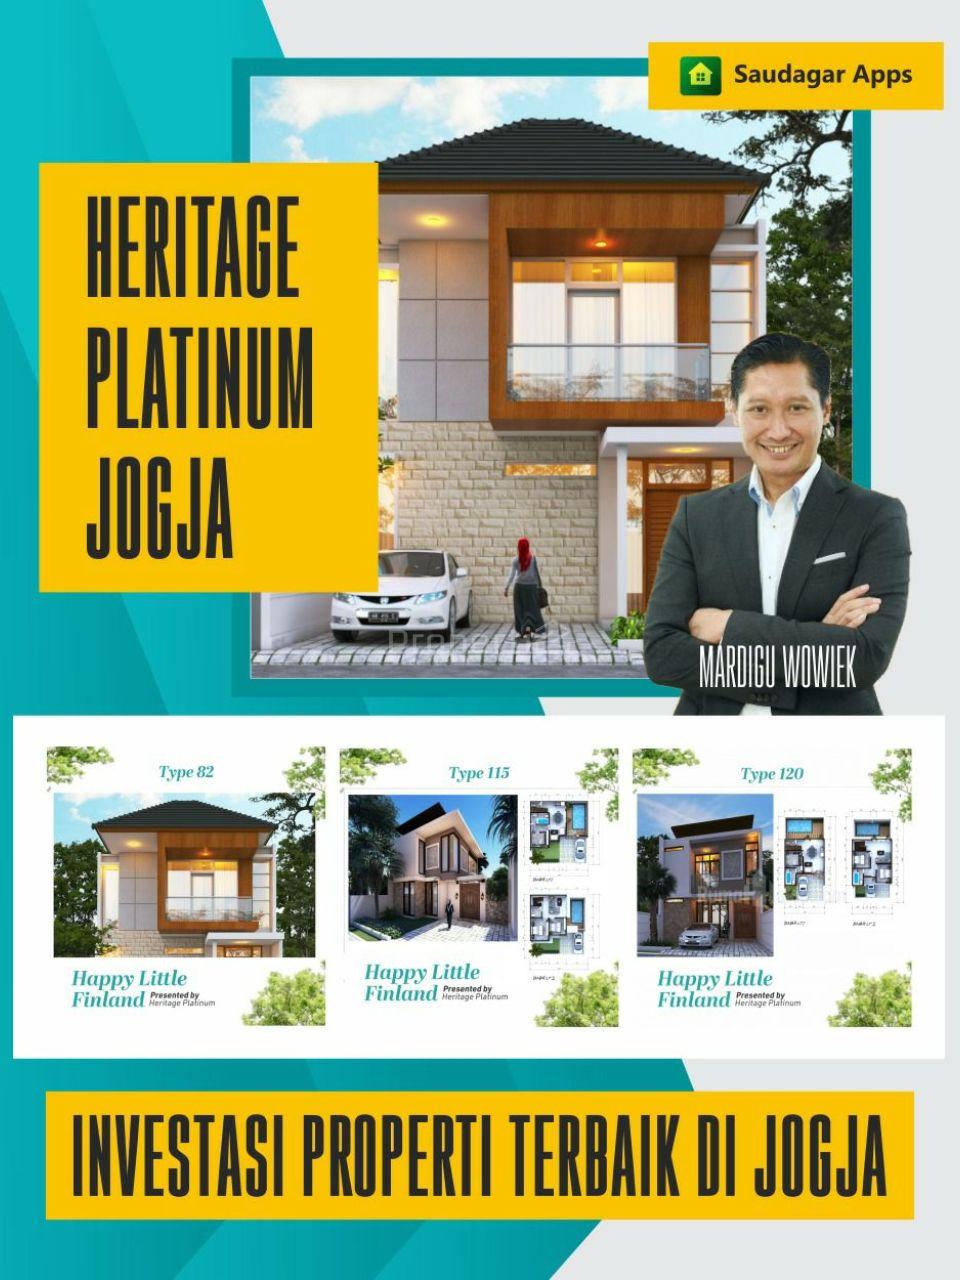 Rumah 2 lantai Heritage Platinum di Jogja, Konsep Finlandia, Di Yogyakarta